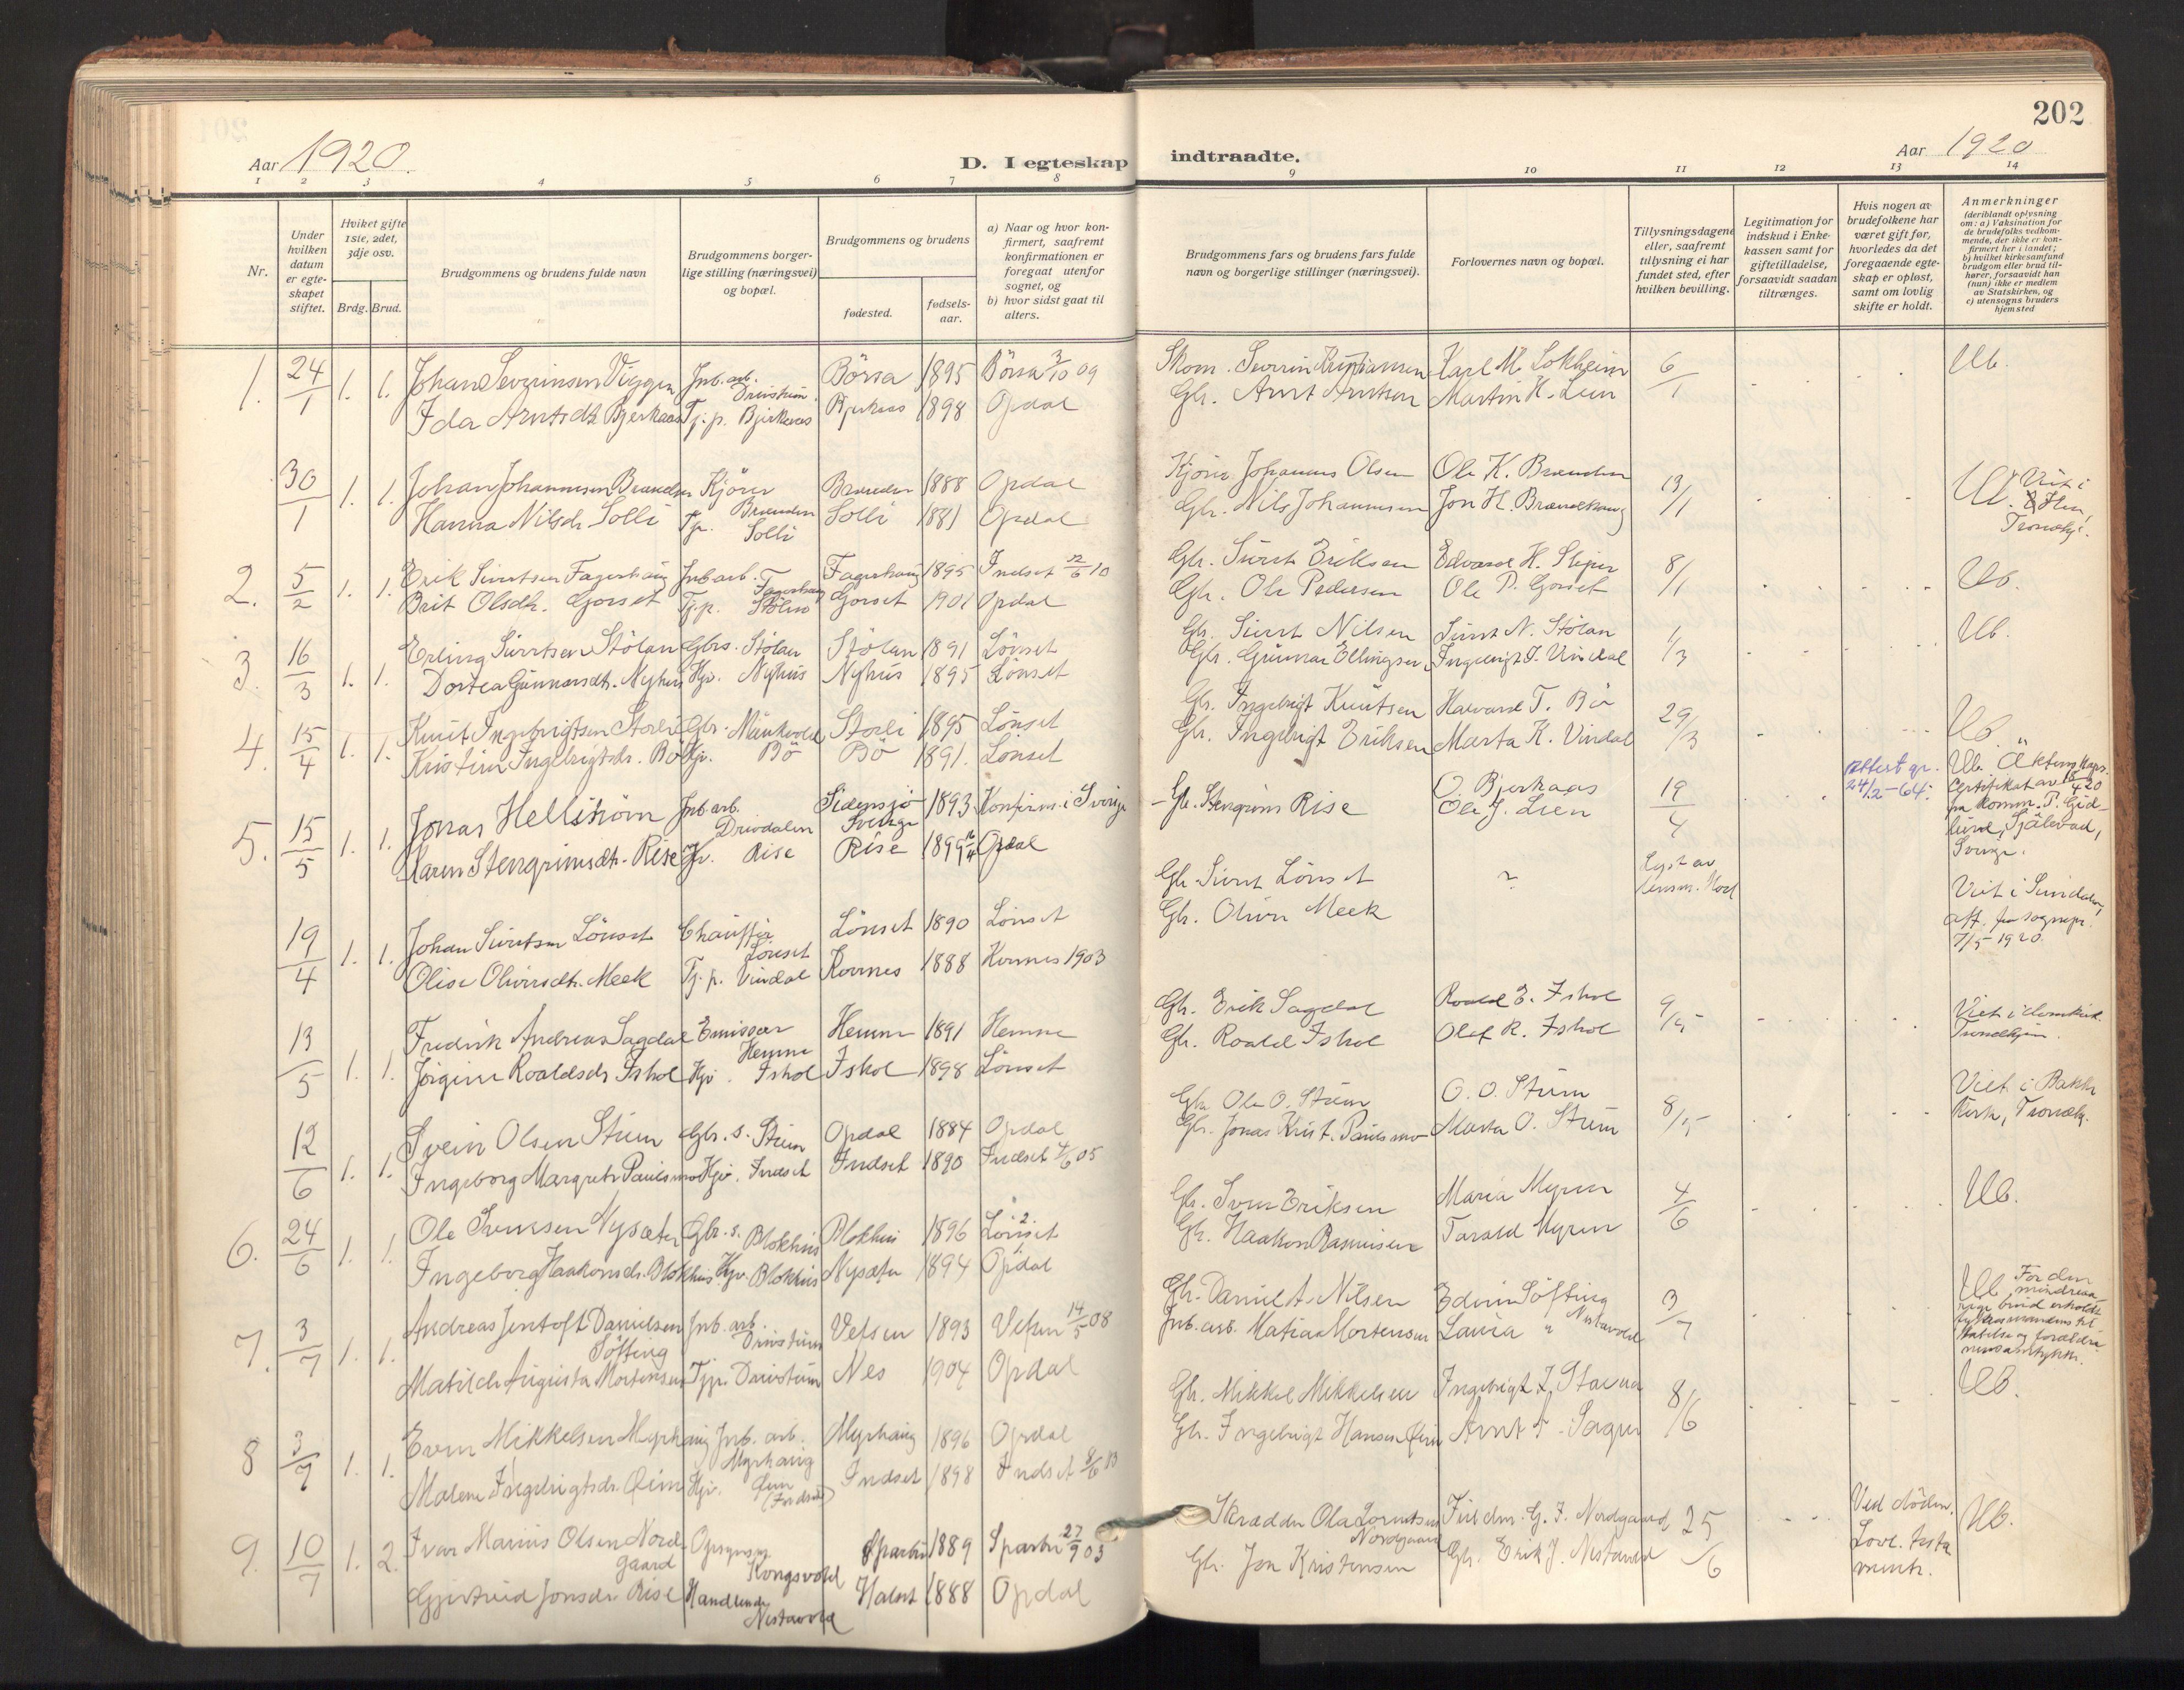 SAT, Ministerialprotokoller, klokkerbøker og fødselsregistre - Sør-Trøndelag, 678/L0909: Ministerialbok nr. 678A17, 1912-1930, s. 202